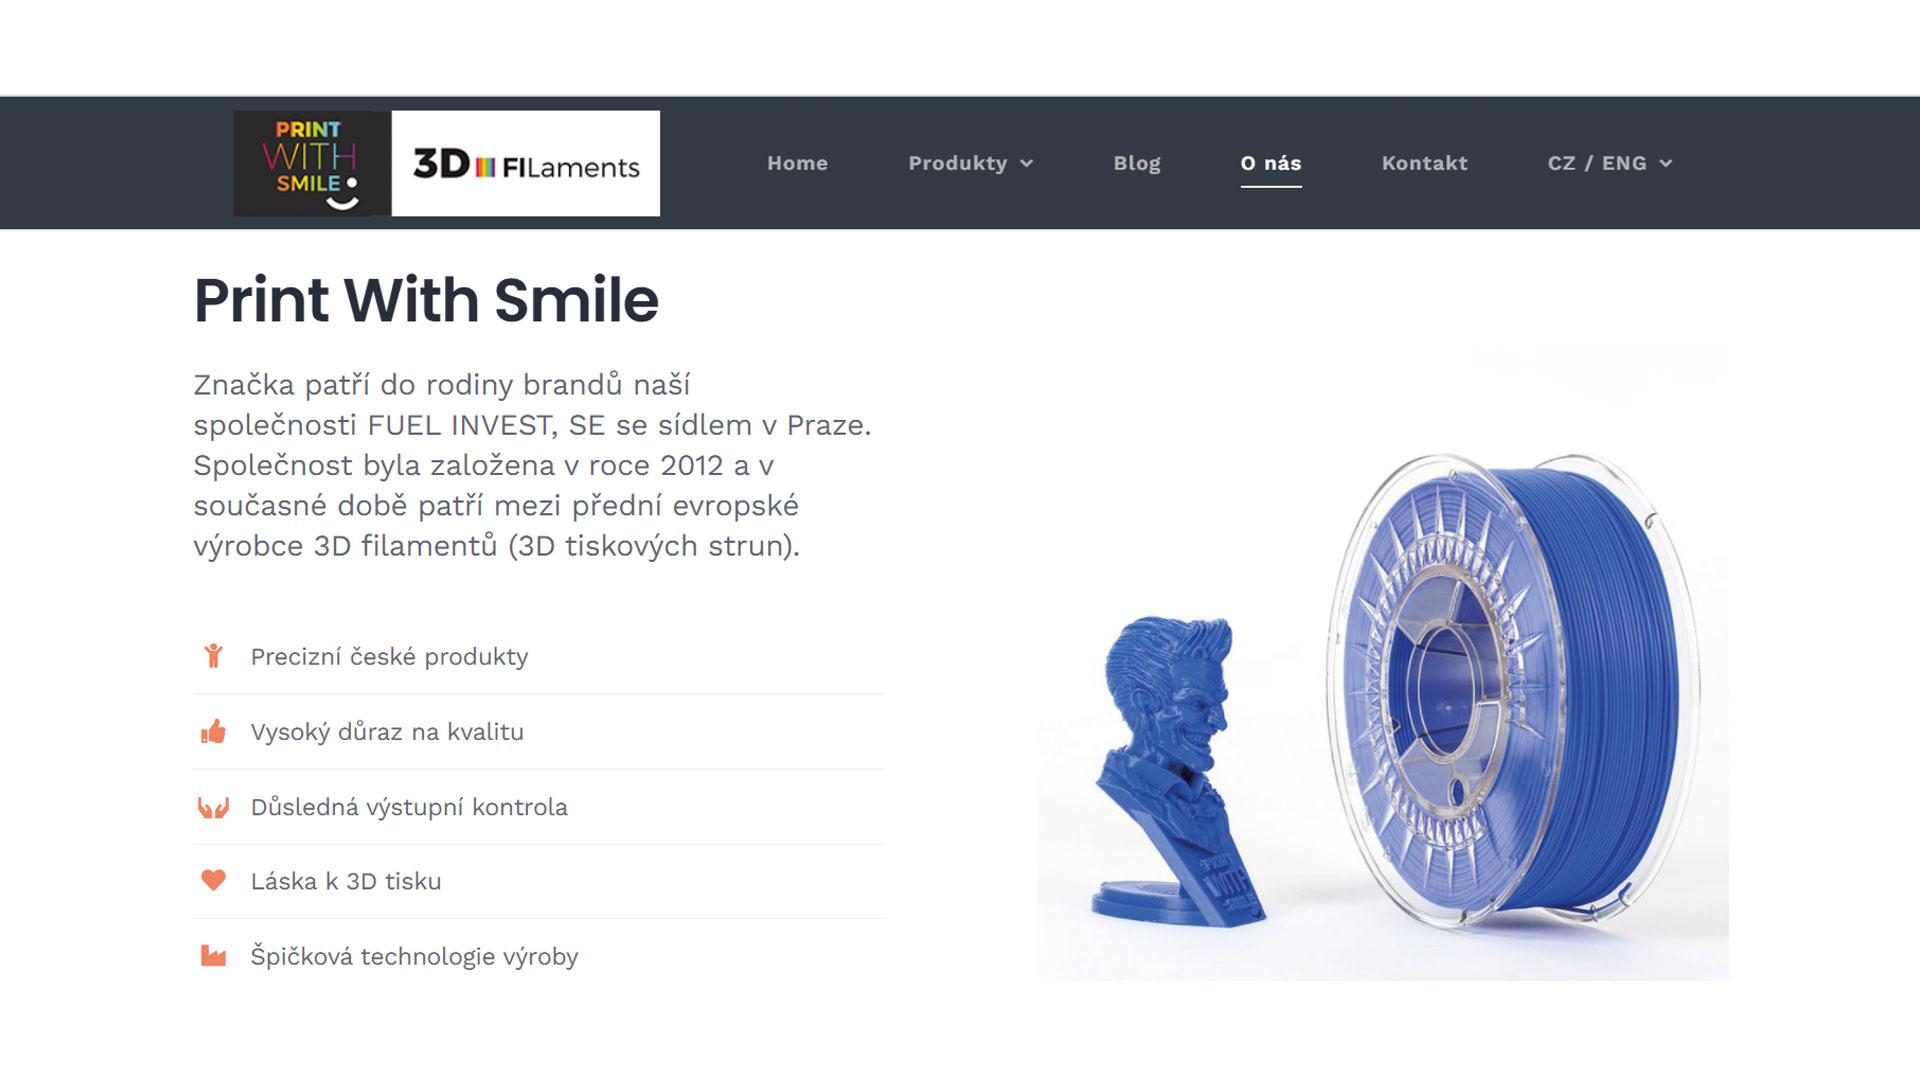 Print With Smile - ukázka z webu